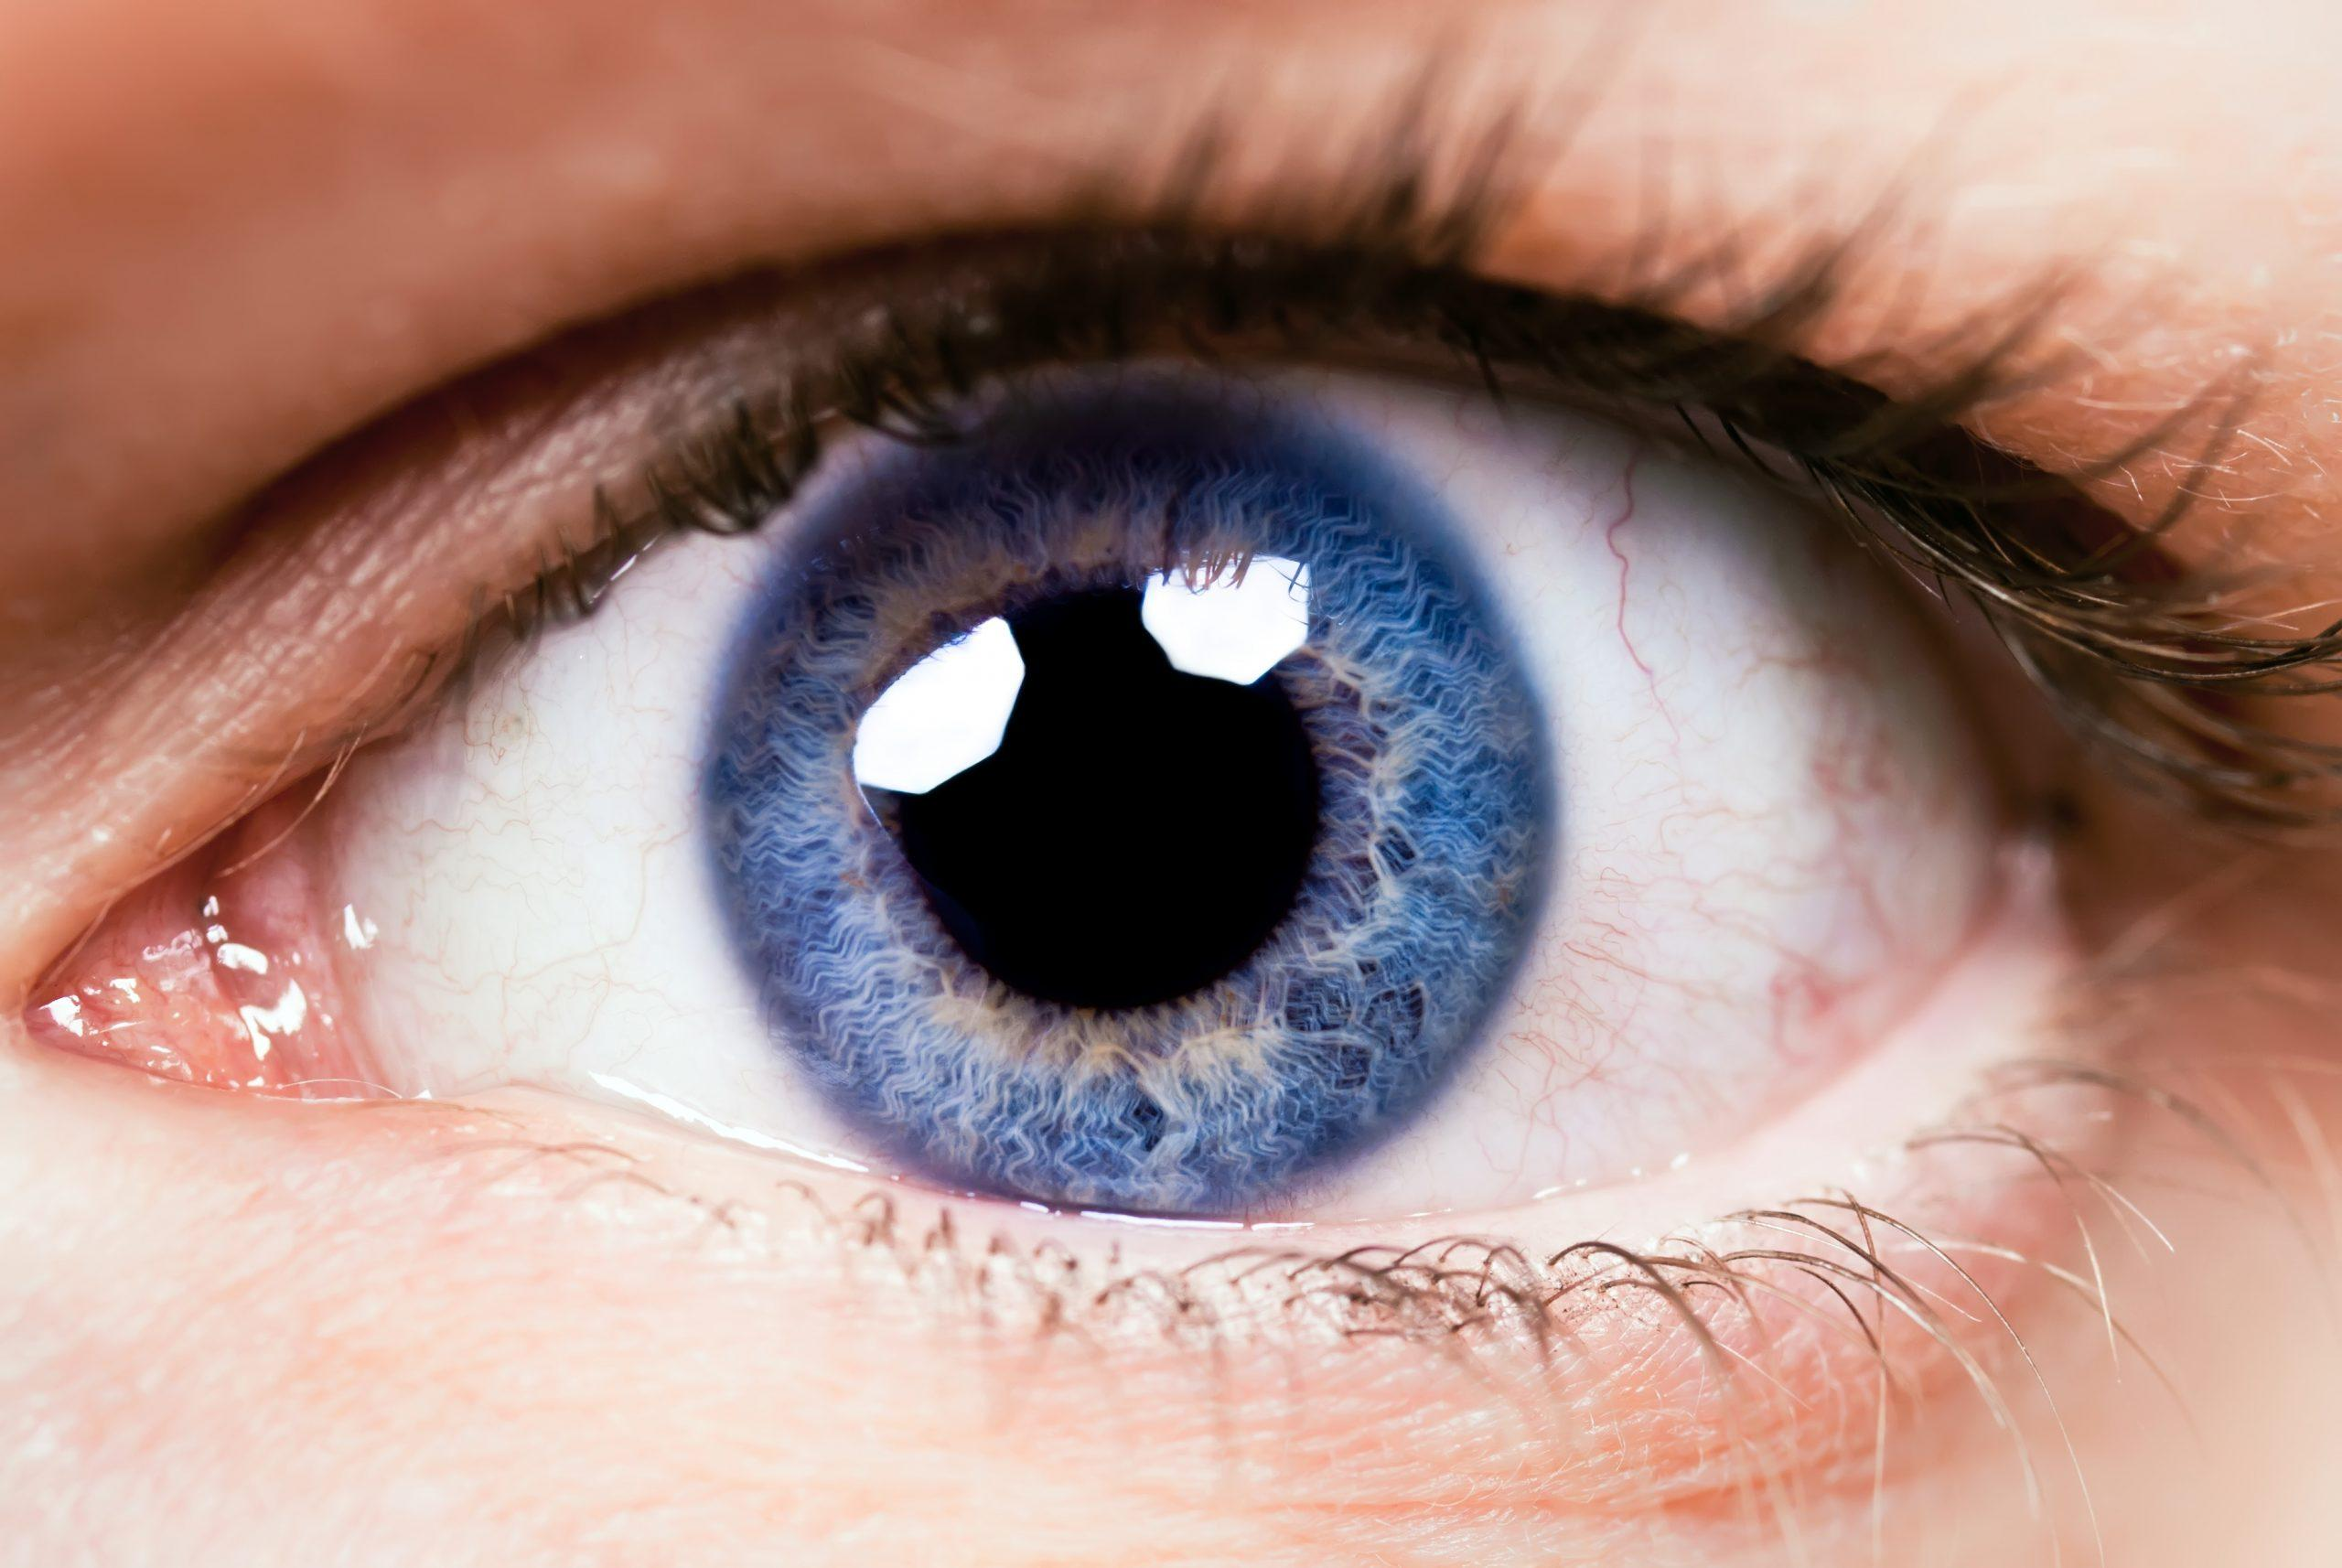 Nahaufnahme eines Auges mit blauer Augenfarbe